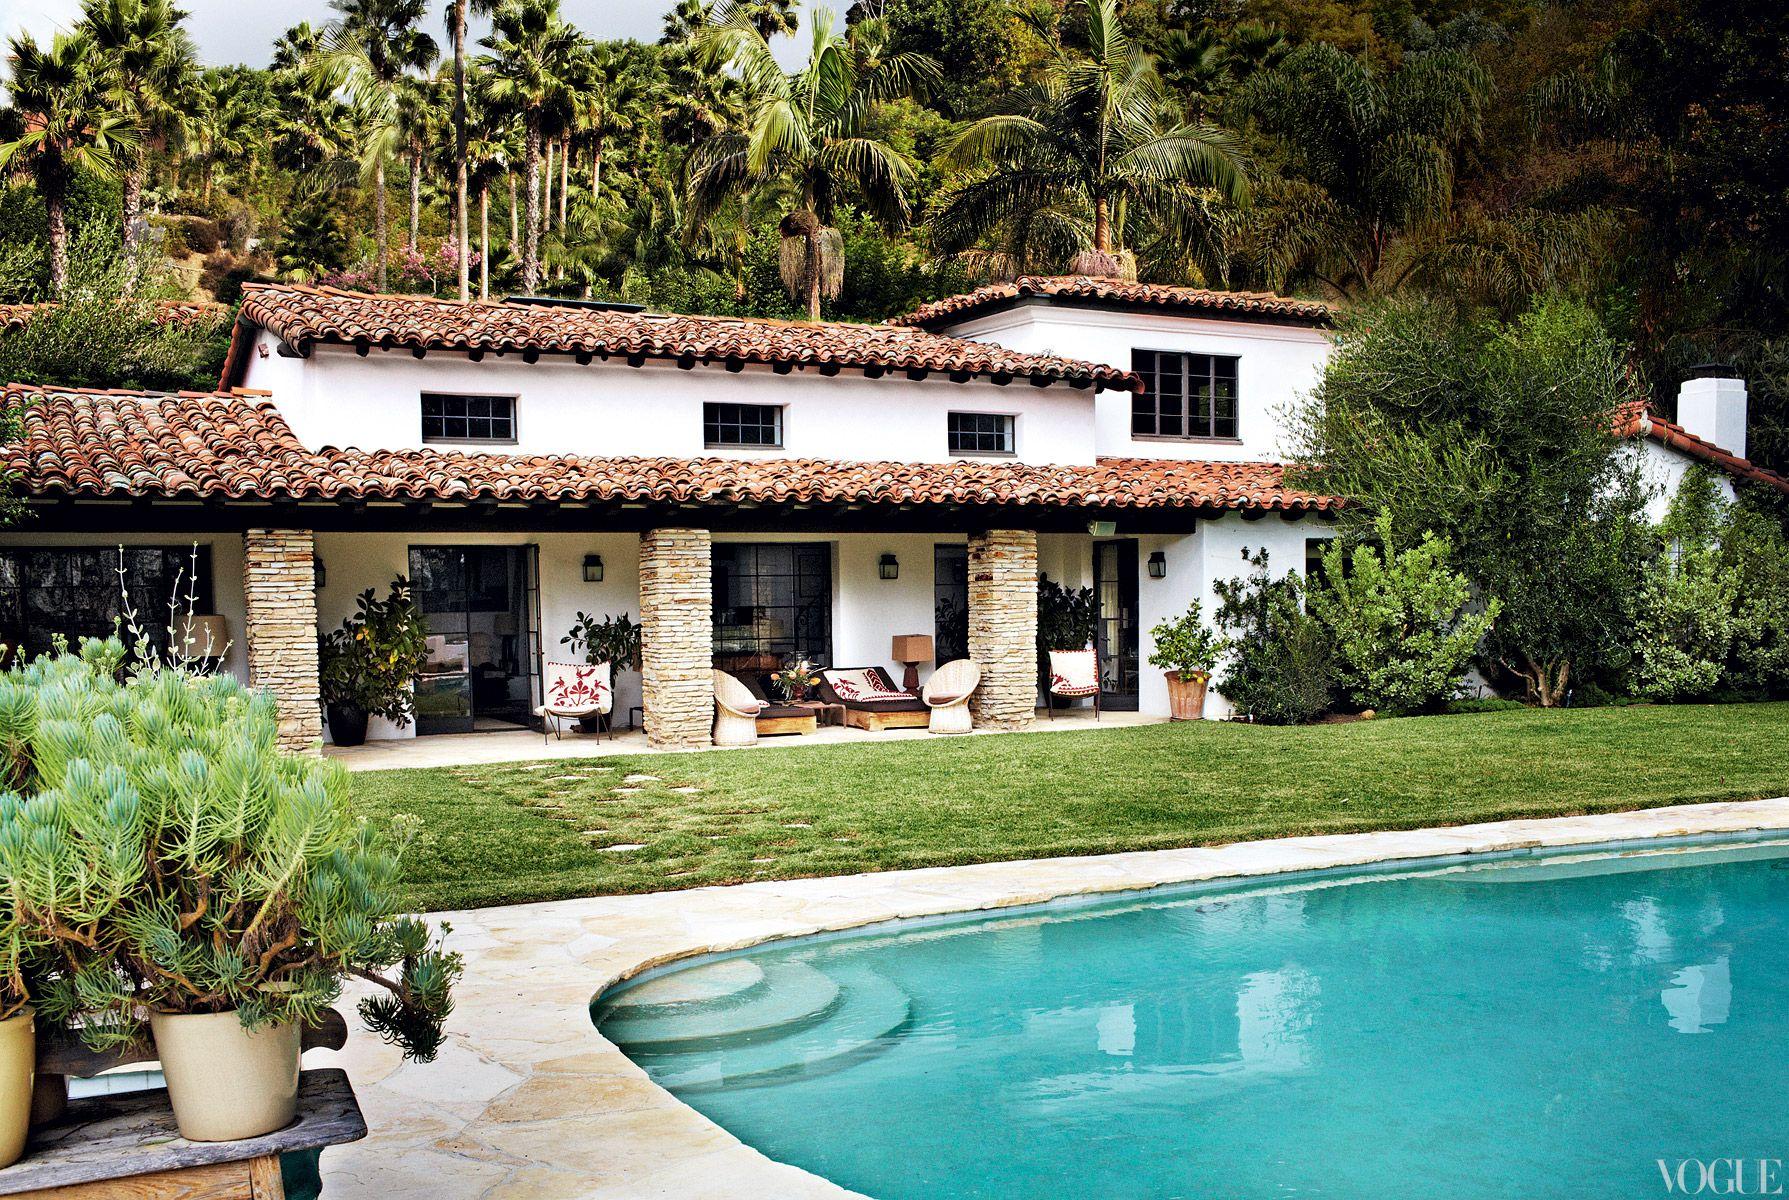 Mario Testino S La House And Pool Com Imagens Casas Casas